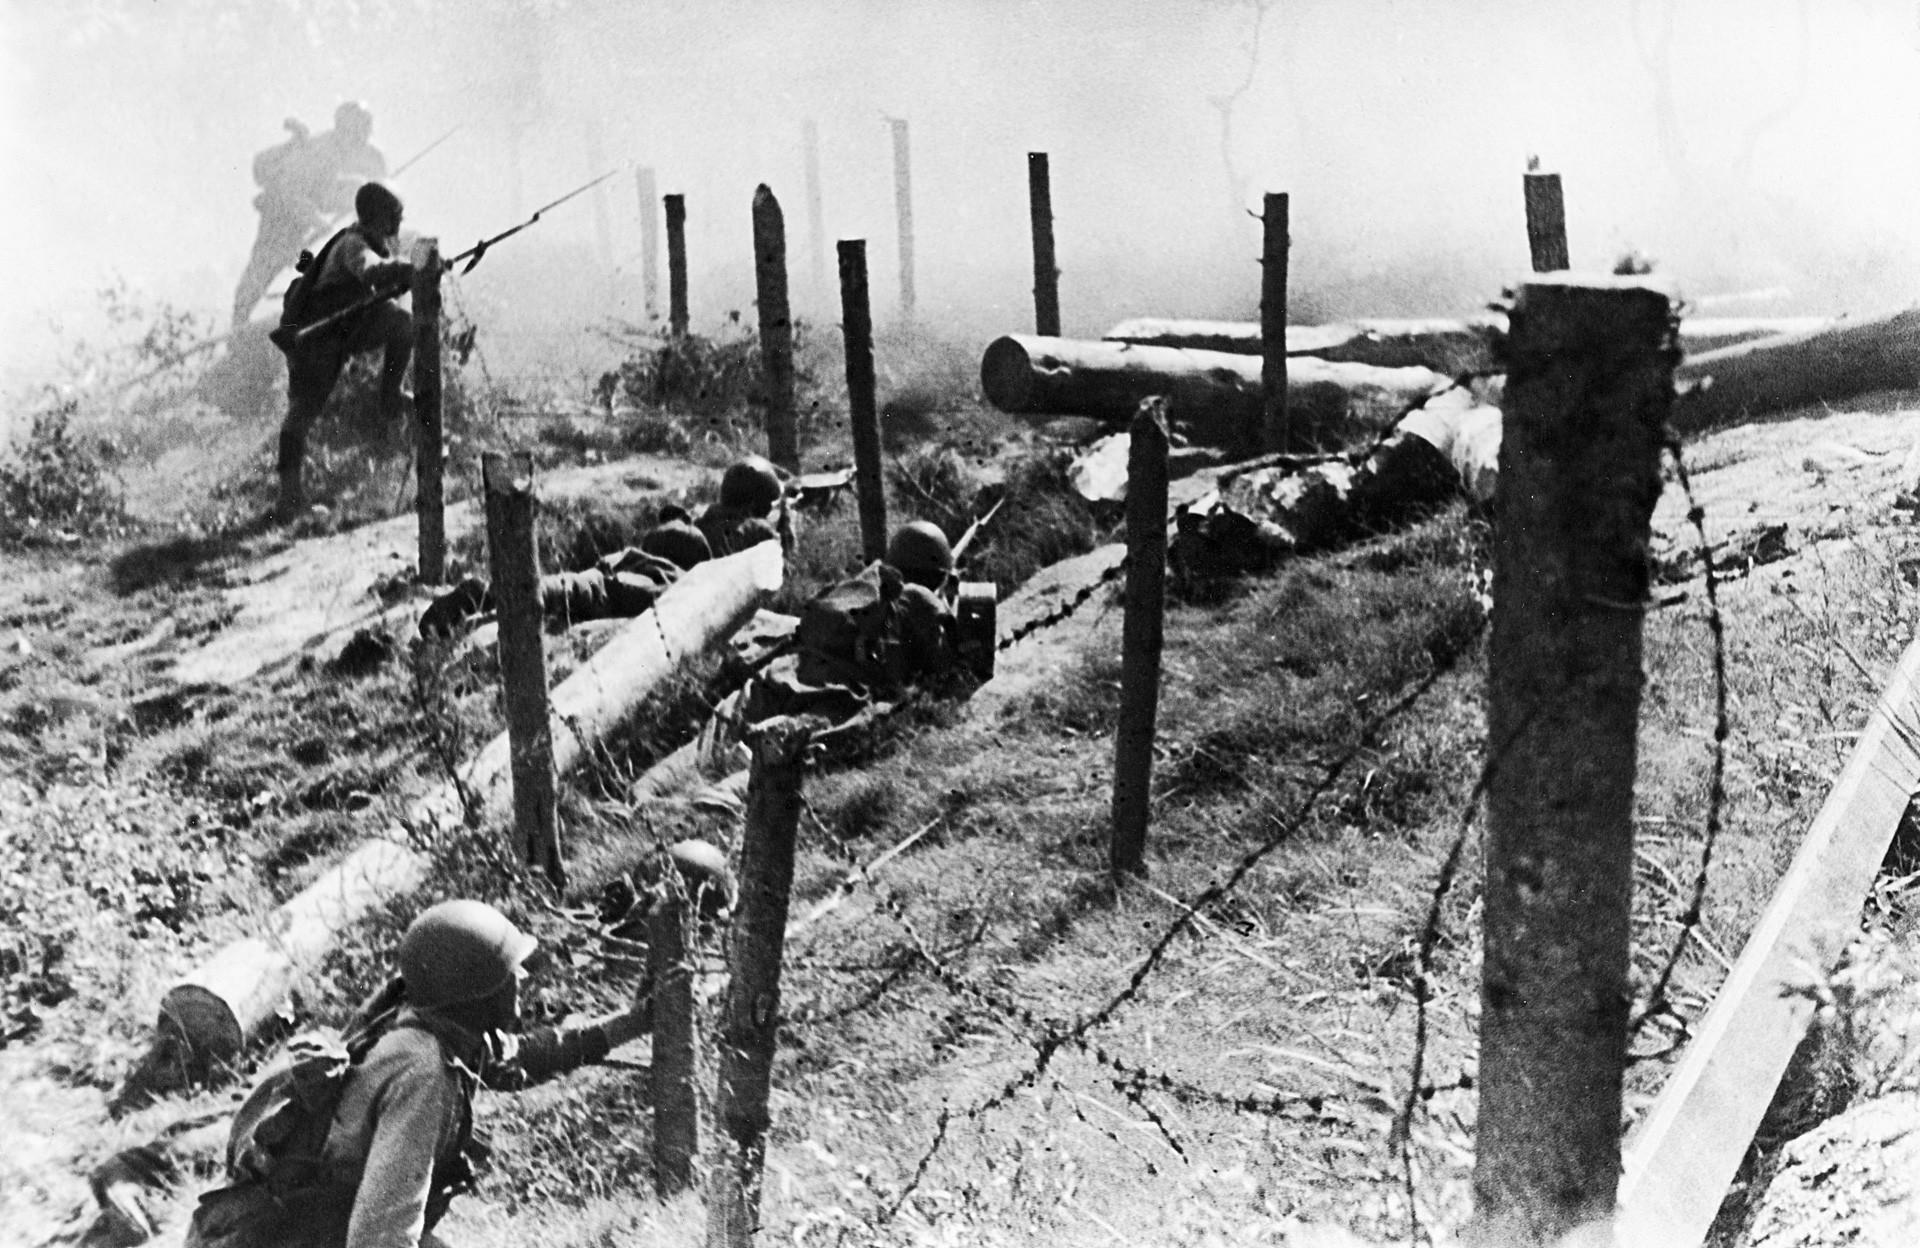 Tropas do Exército Vermelho Soviético invadem fortaleza em floresta finlandesa.